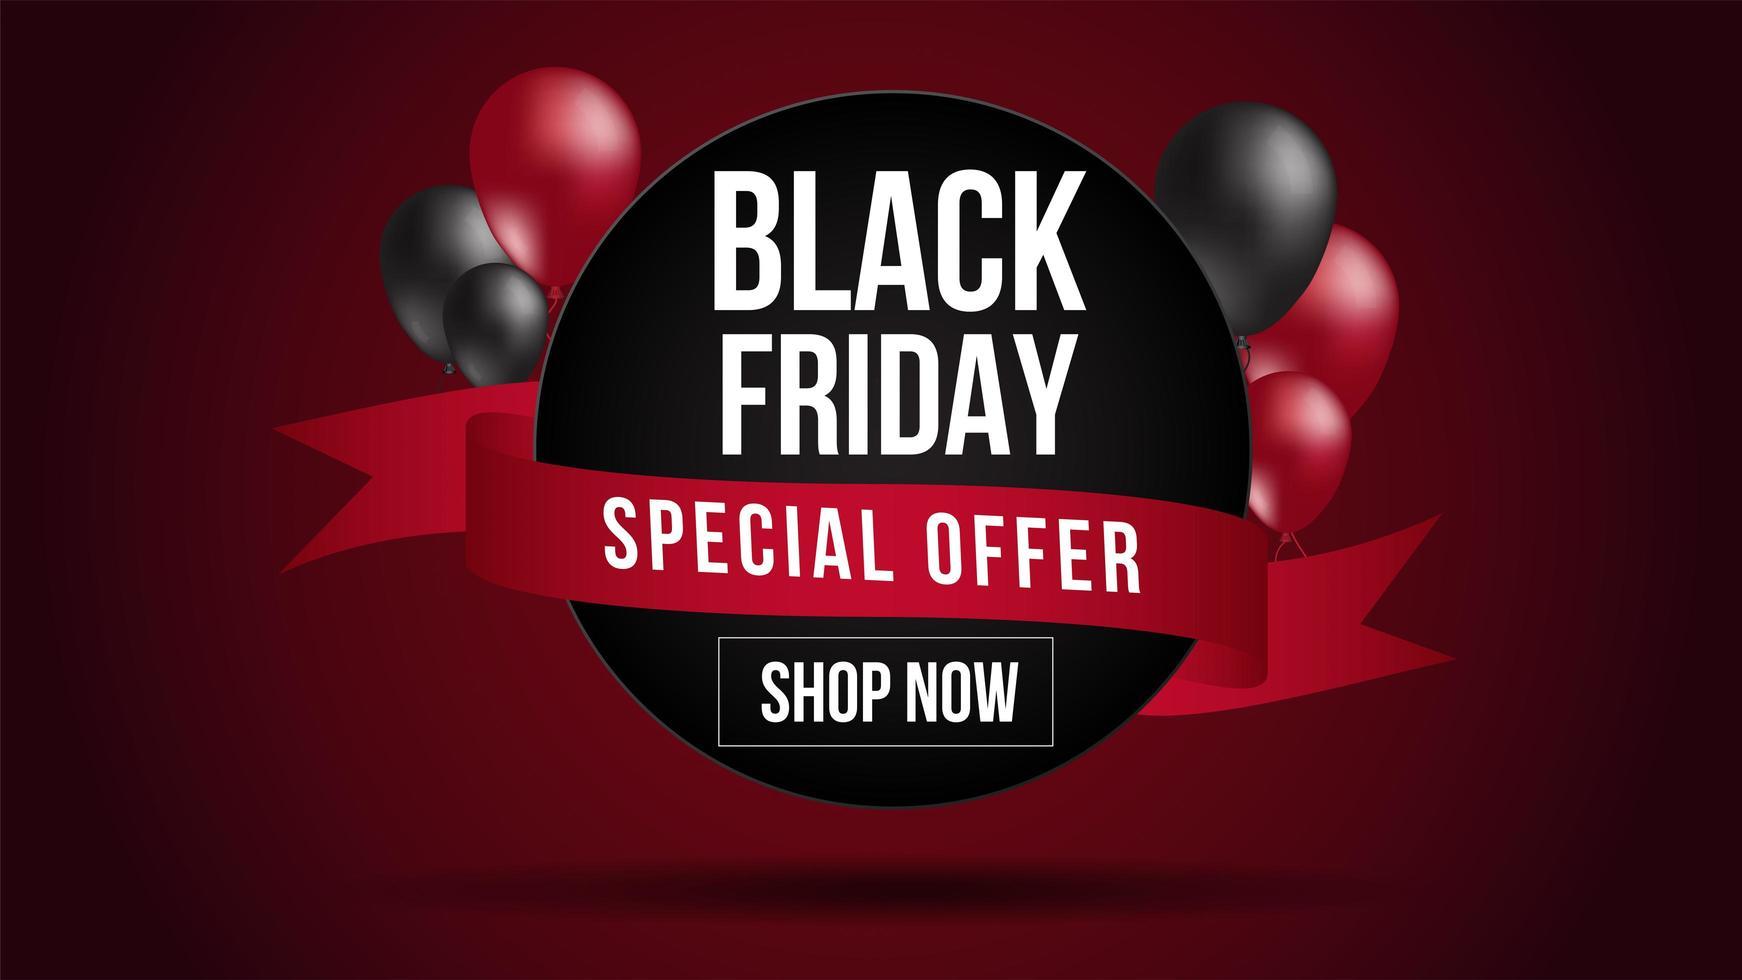 bannière de vente de ballon rouge et noir vendredi noir vecteur